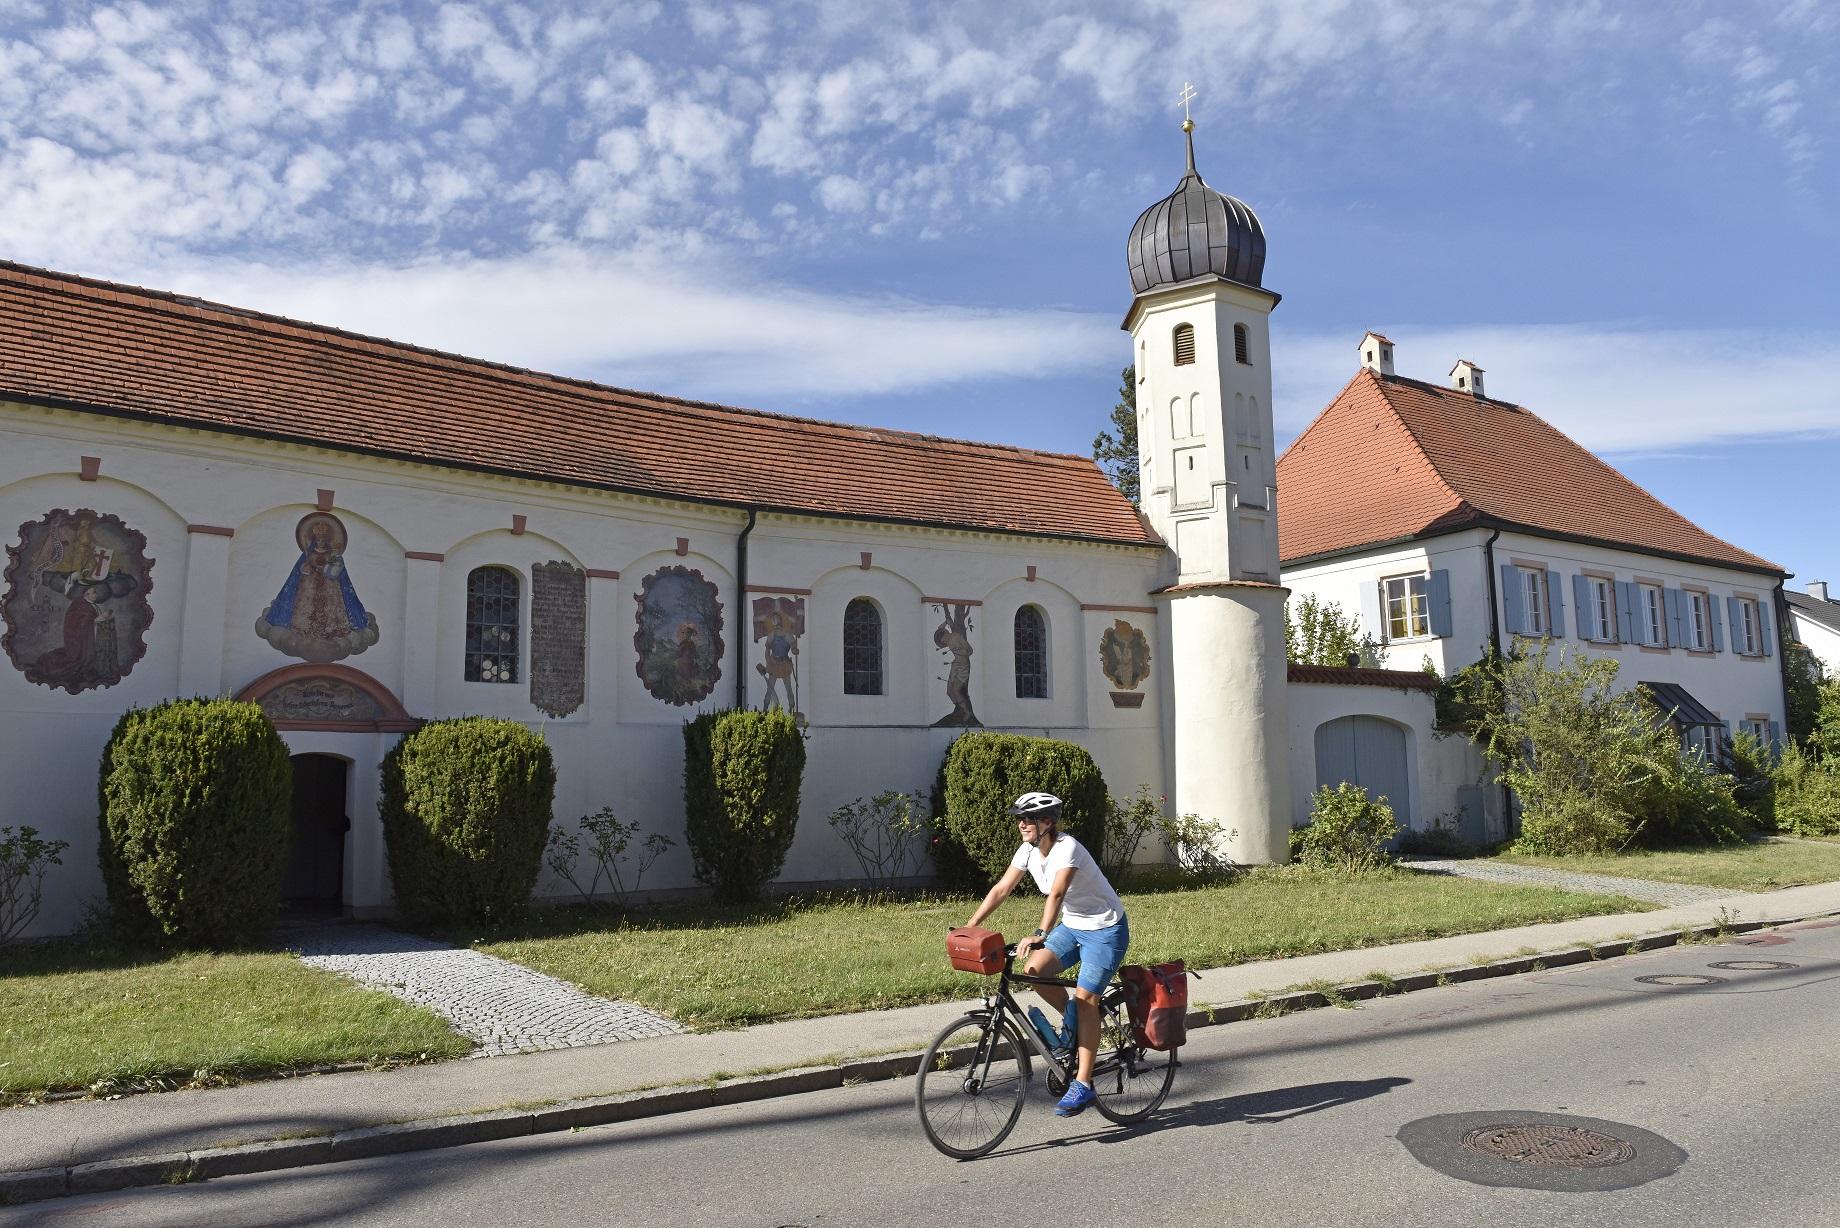 83 km entspannter Fahrspaß auf dem neuen München-Augsburg-Radweg